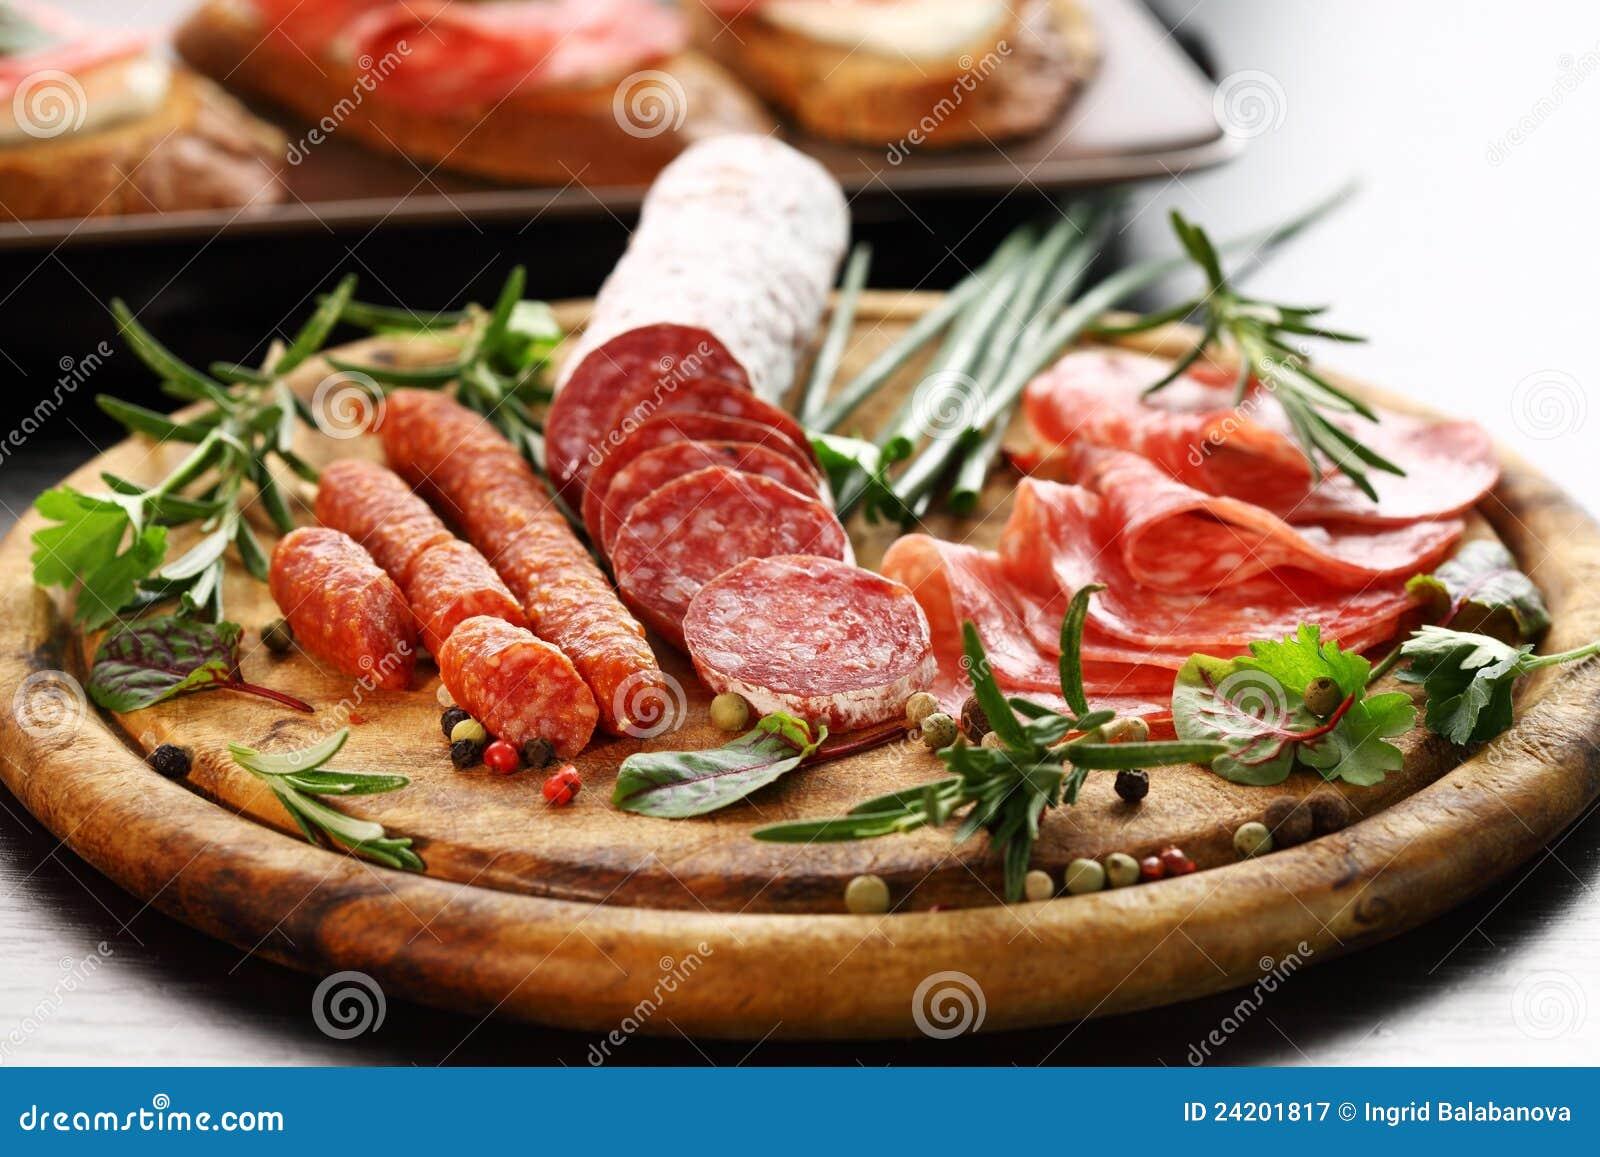 Presunto e salami italianos com ervas